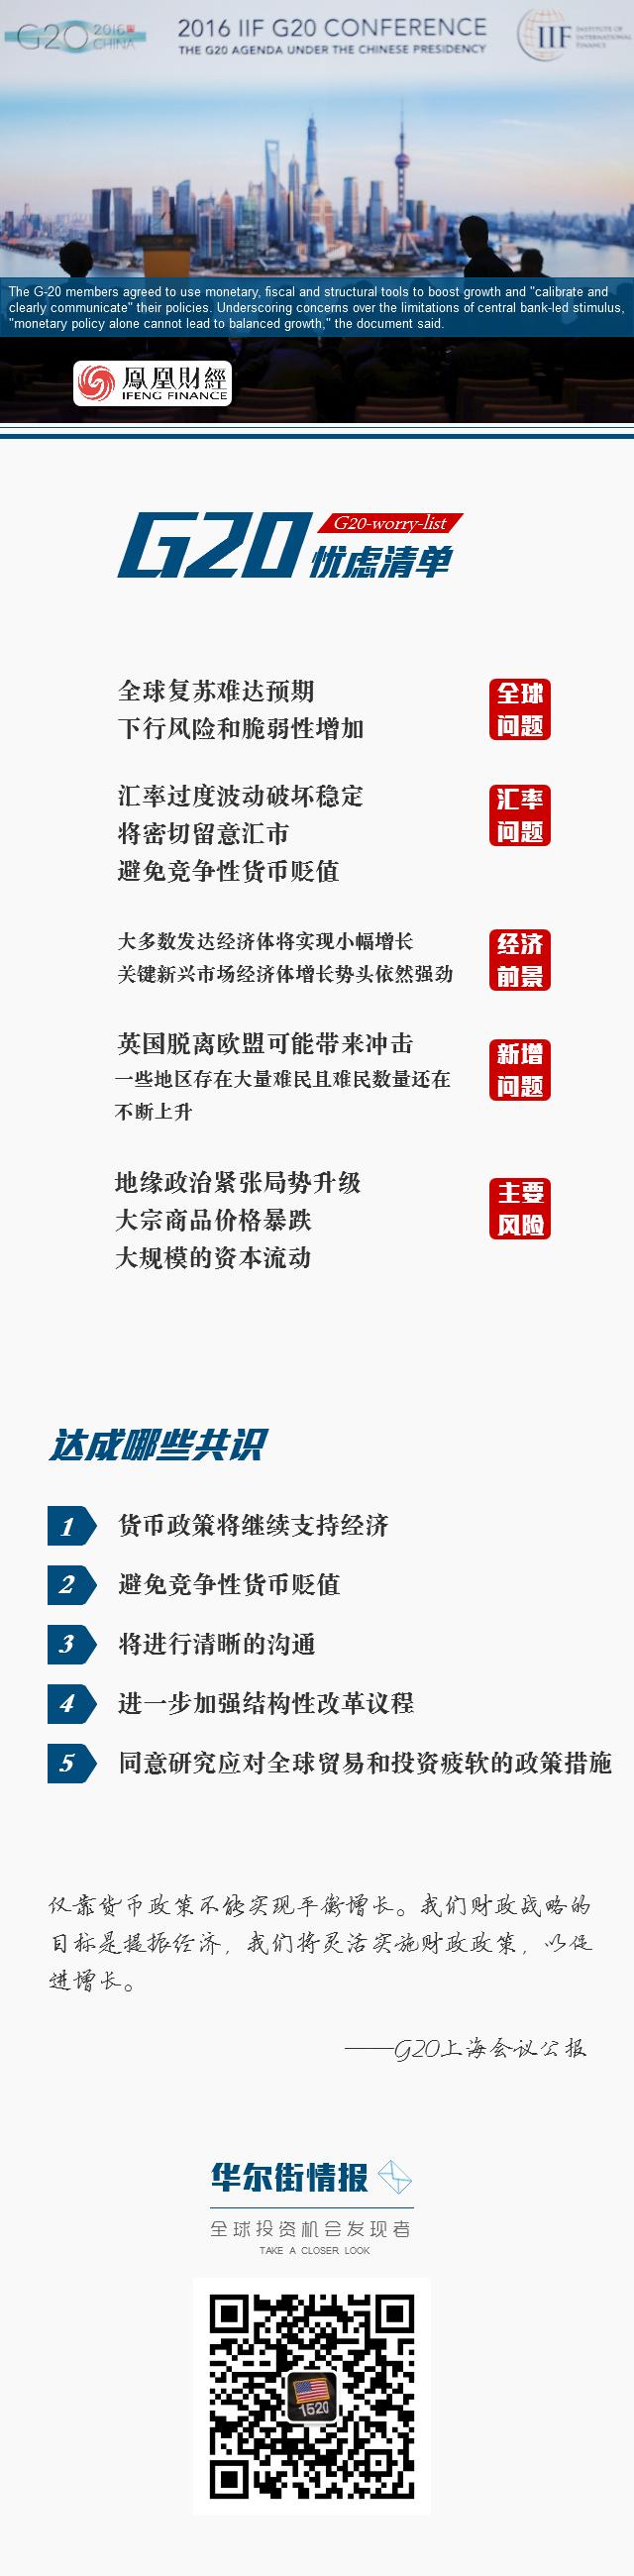 新 葡 京 国 际 网 站